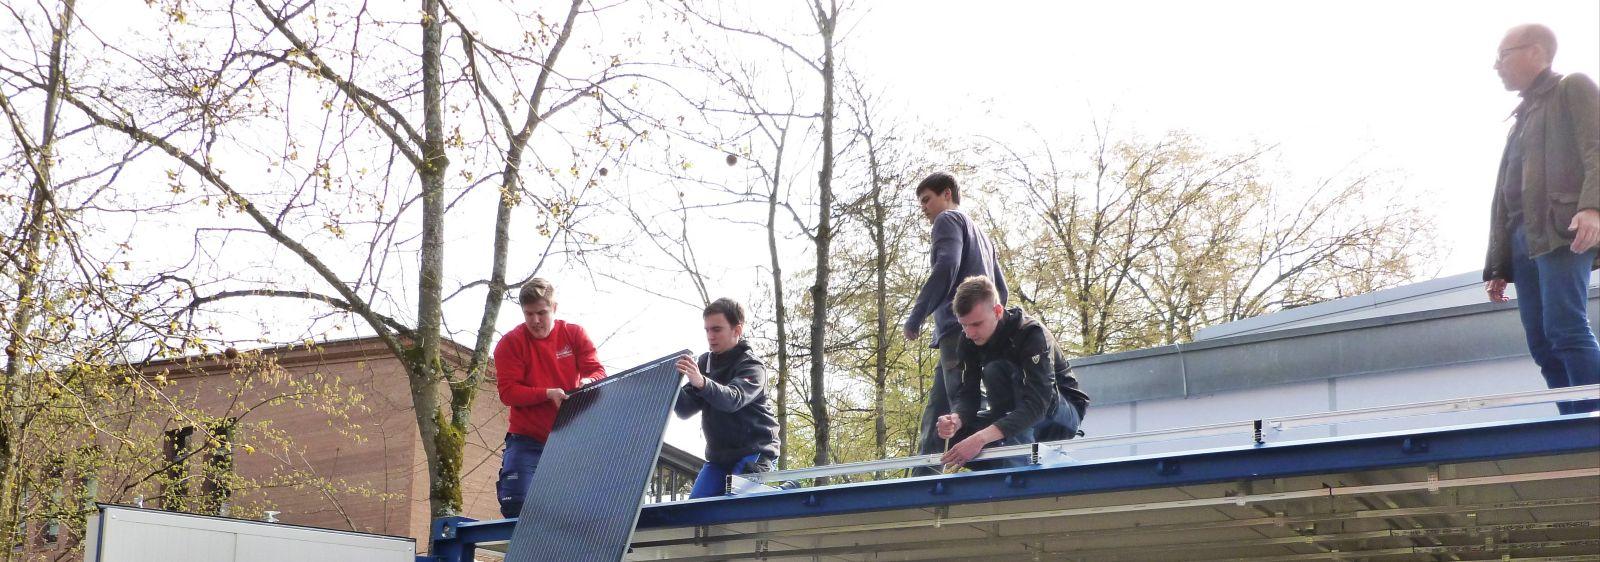 Studierende und Auszubildende installieren die photovoltaisch-thermische (PVT) Hybridanlage auf dem Containerdach.